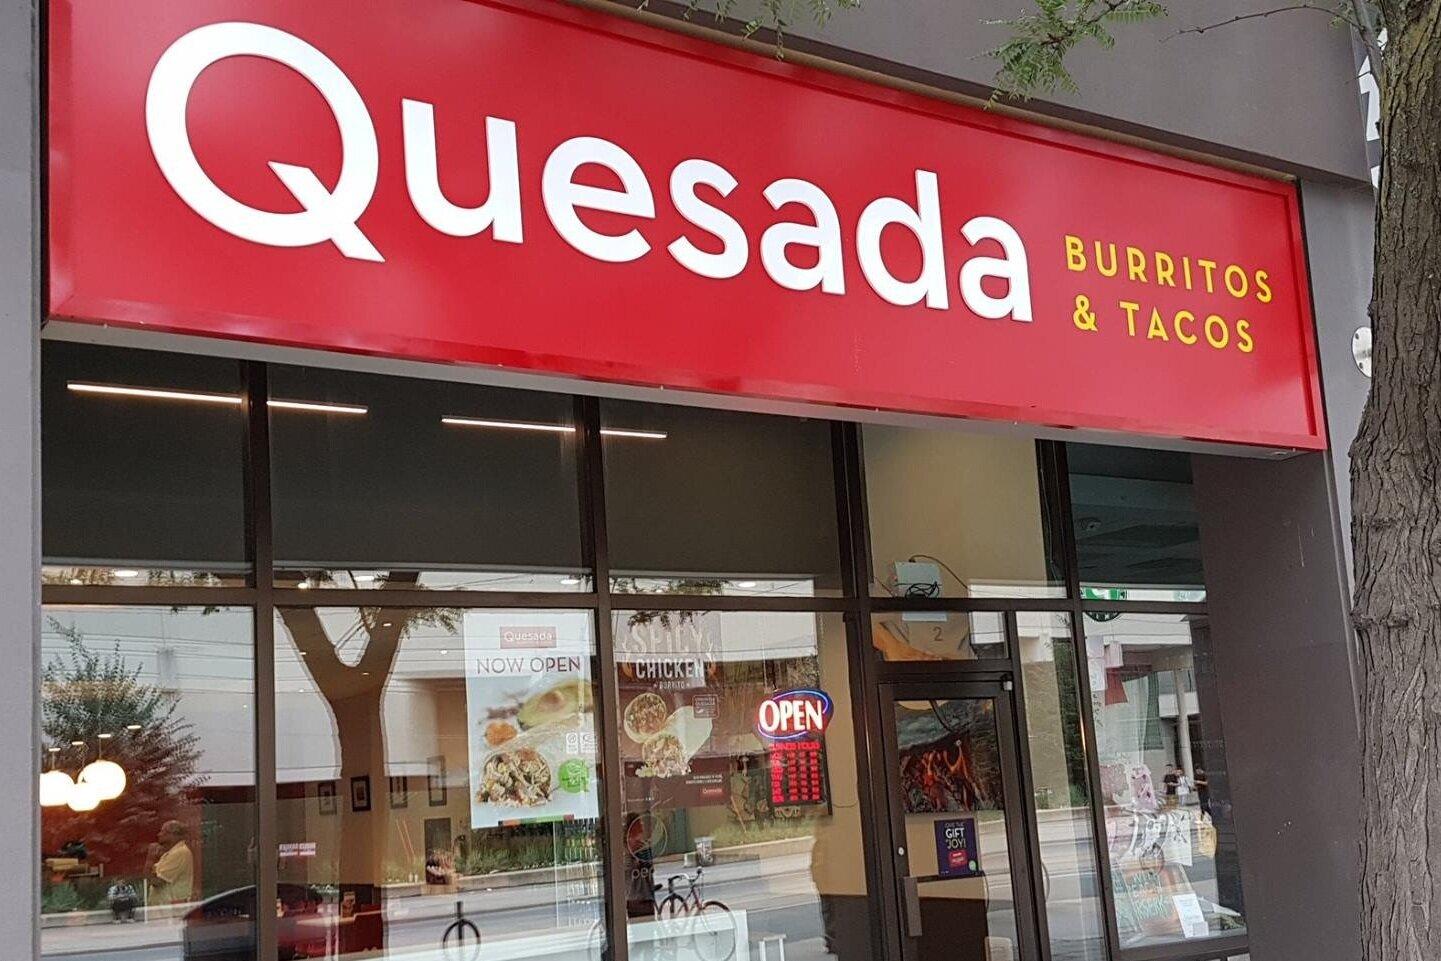 PHOTO: QUESADA VIA FACEBOOK